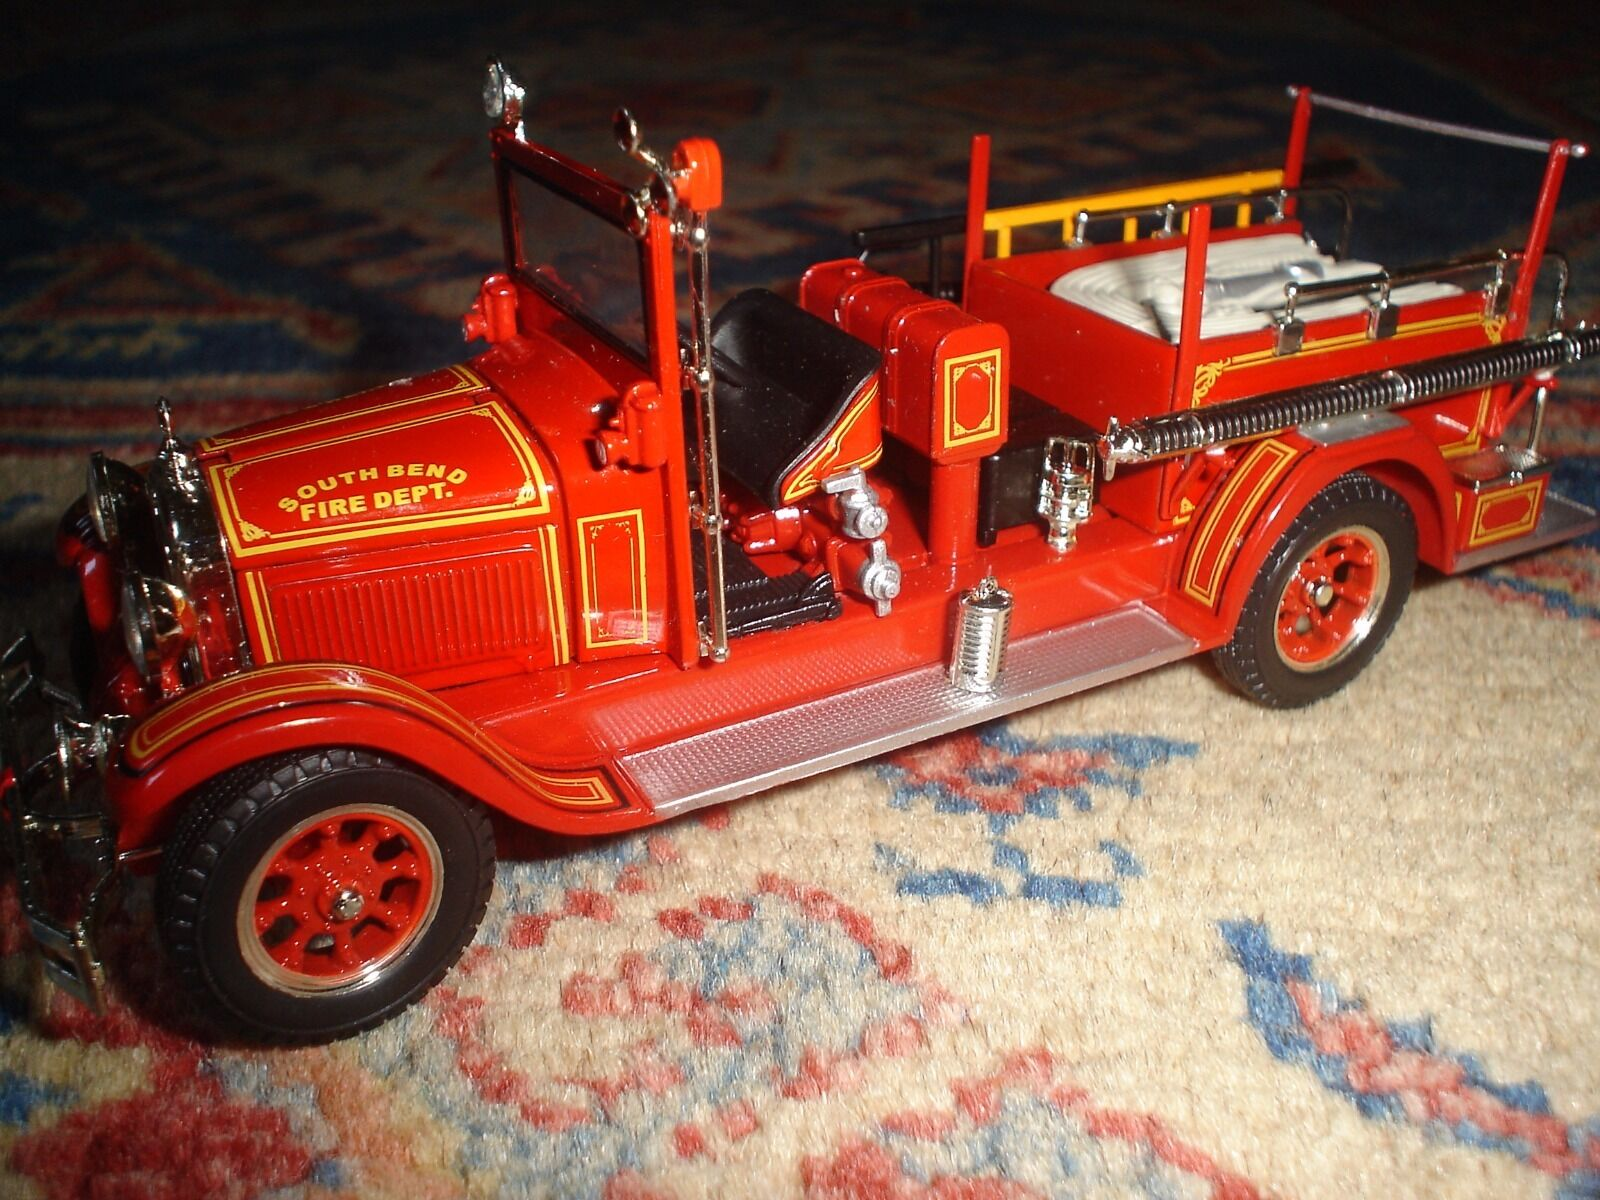 barato FDNY FDNY FDNY  – ENGINE – STUDEBAKER FIRE (SOUTH BEND FIRE DEPARTEMENT) - 1928  orden en línea